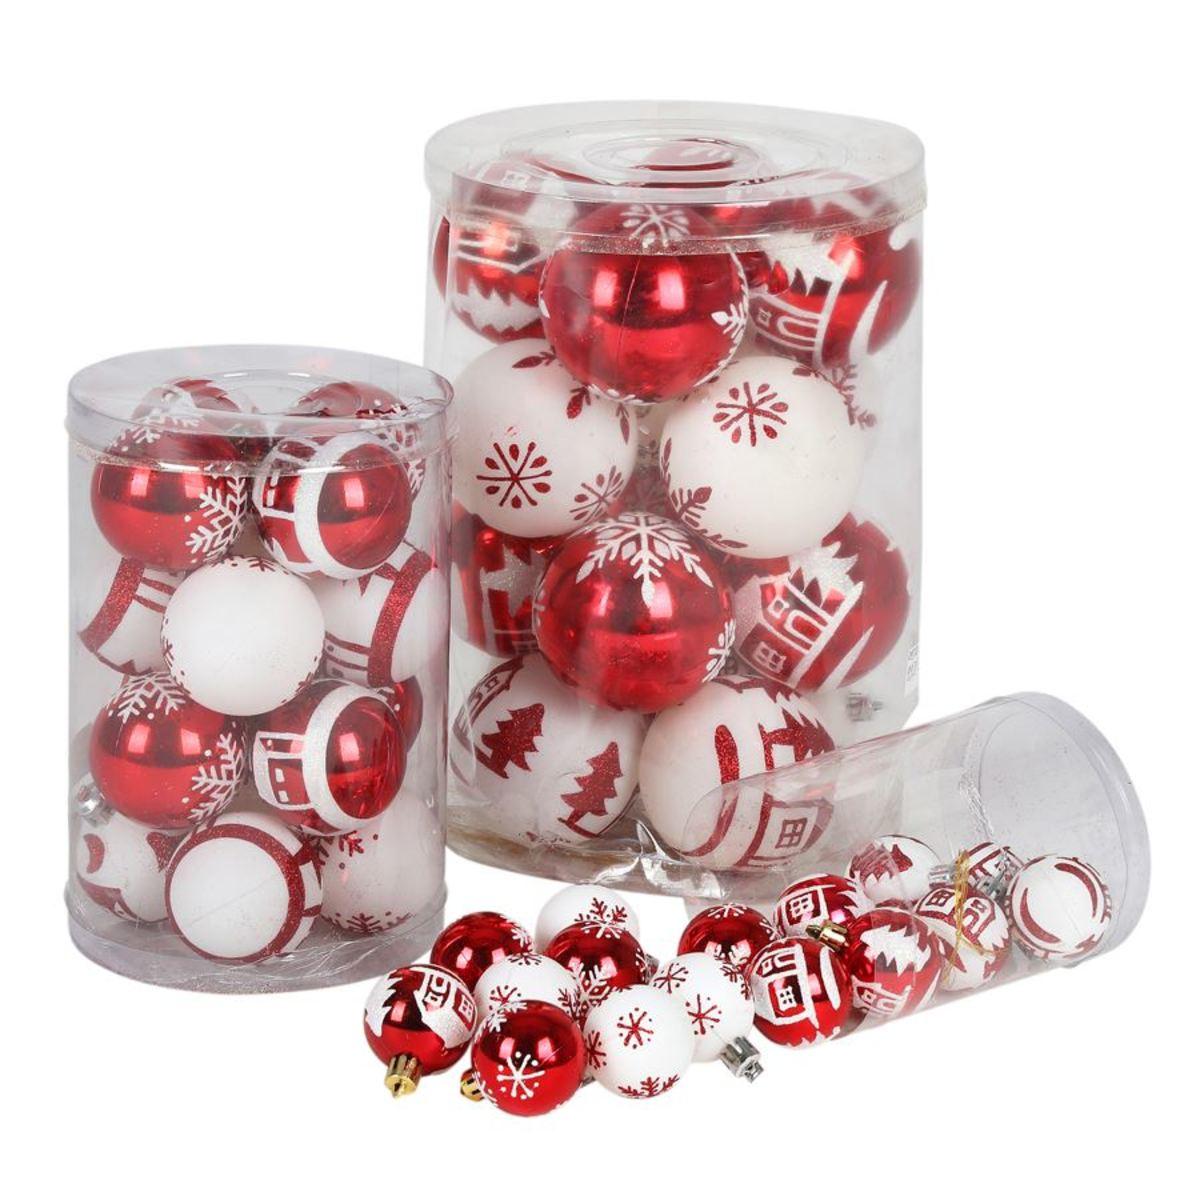 Bild 3 von Weihnachtsbaumkugeln DIA 8cm 16er-Set Rot/Weiß